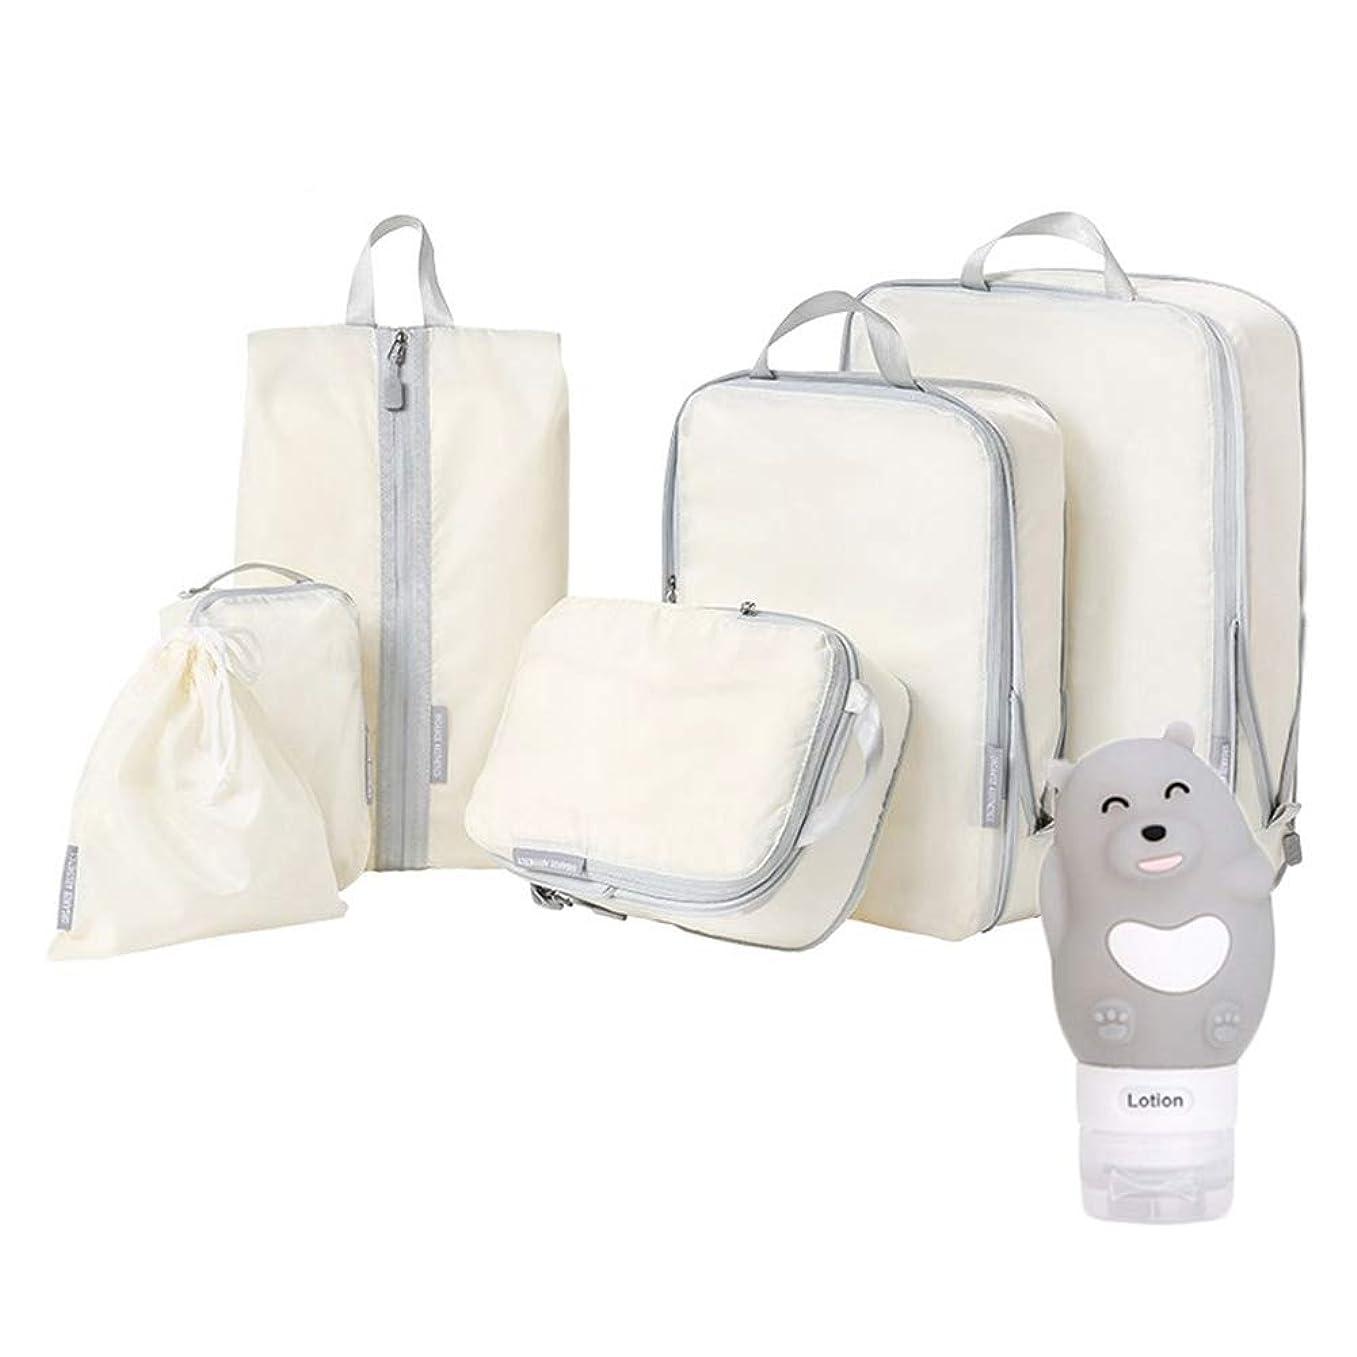 軽プロフィール徹底的にパッキングキューブ 6袋セット 旅行用 超軽量 大容量 撥水加工 圧縮袋、荷物/バックパックの整理整頓 トラベル用ボトル 1個 贈り